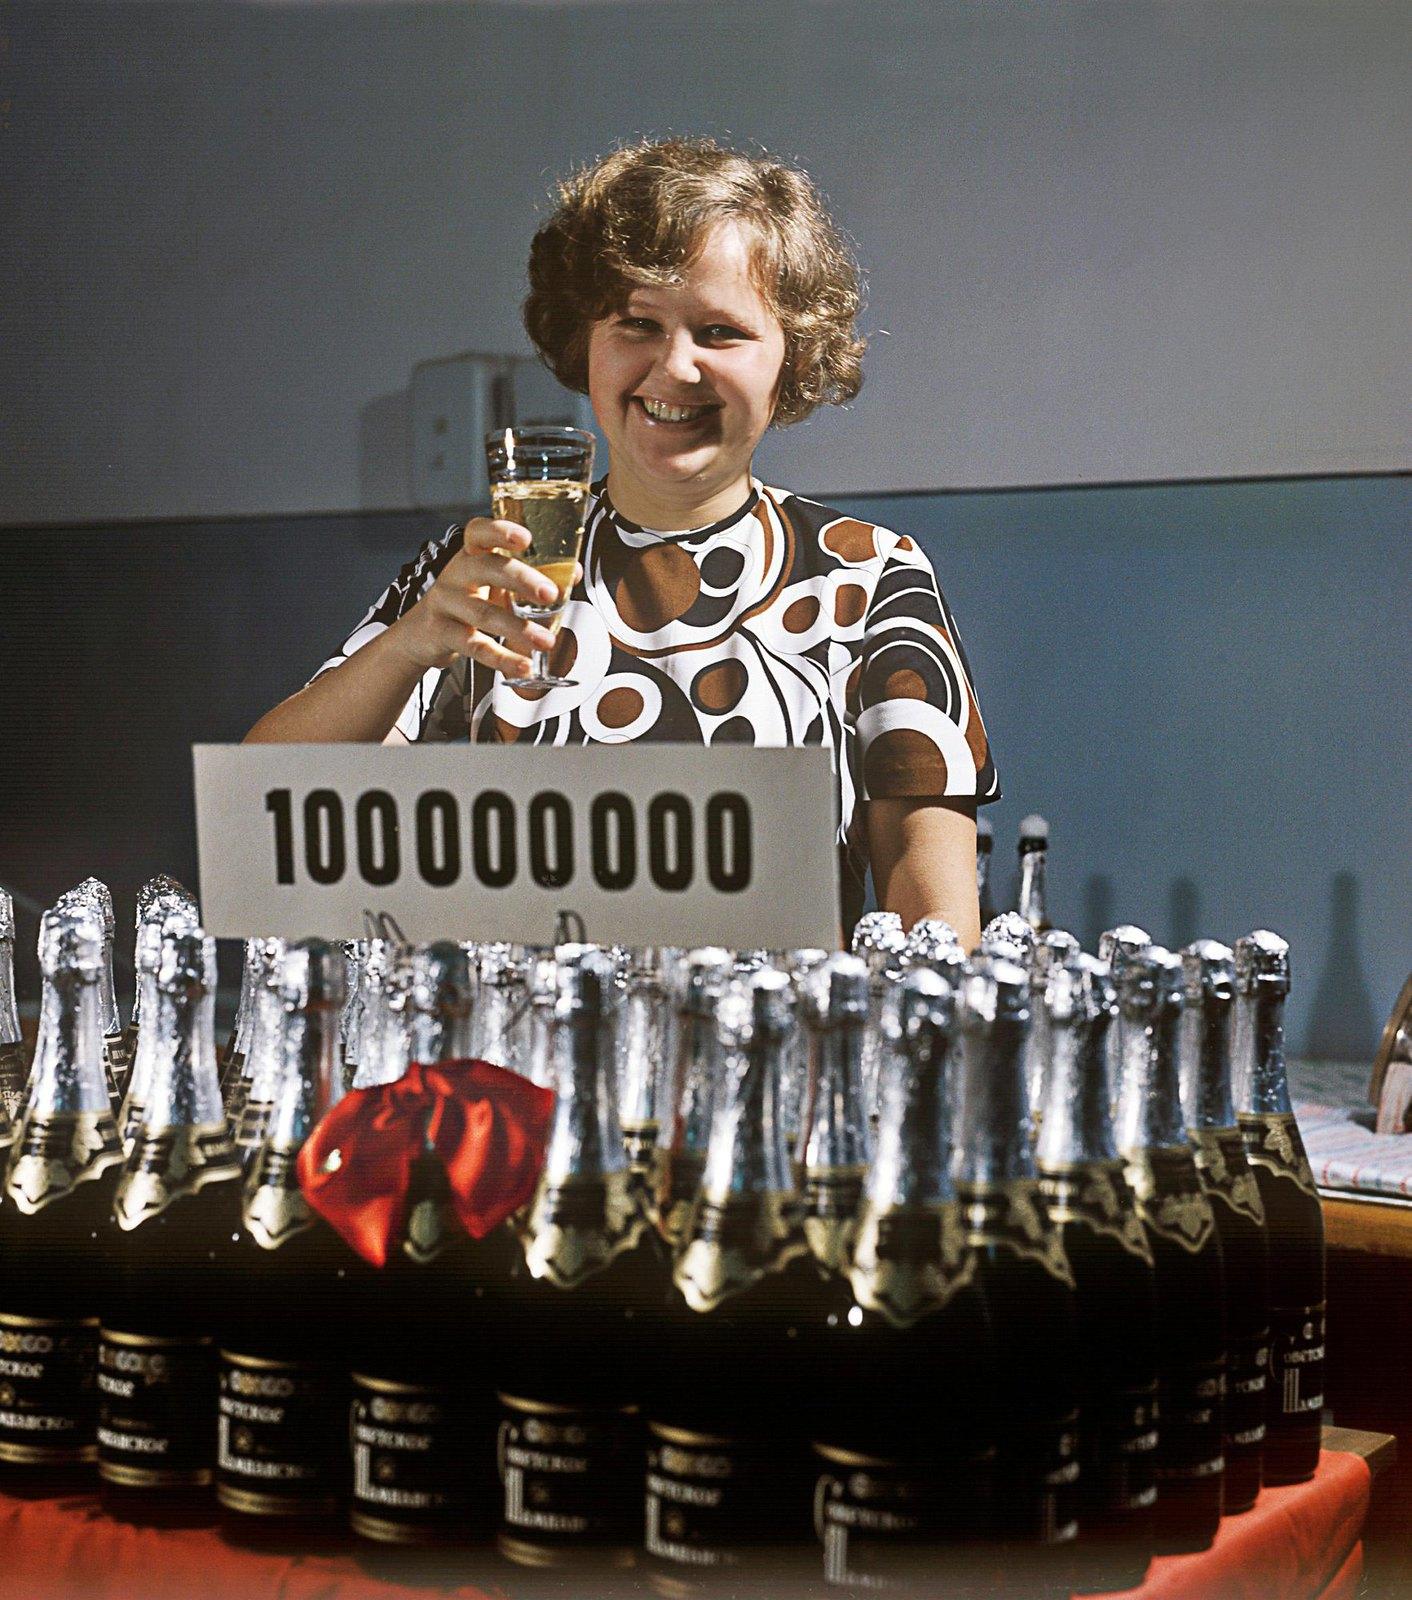 1973.Стомиллионная бутылка советского шампанского. Работница завода с бокалом вина.  Бальтерманц Д.Н.